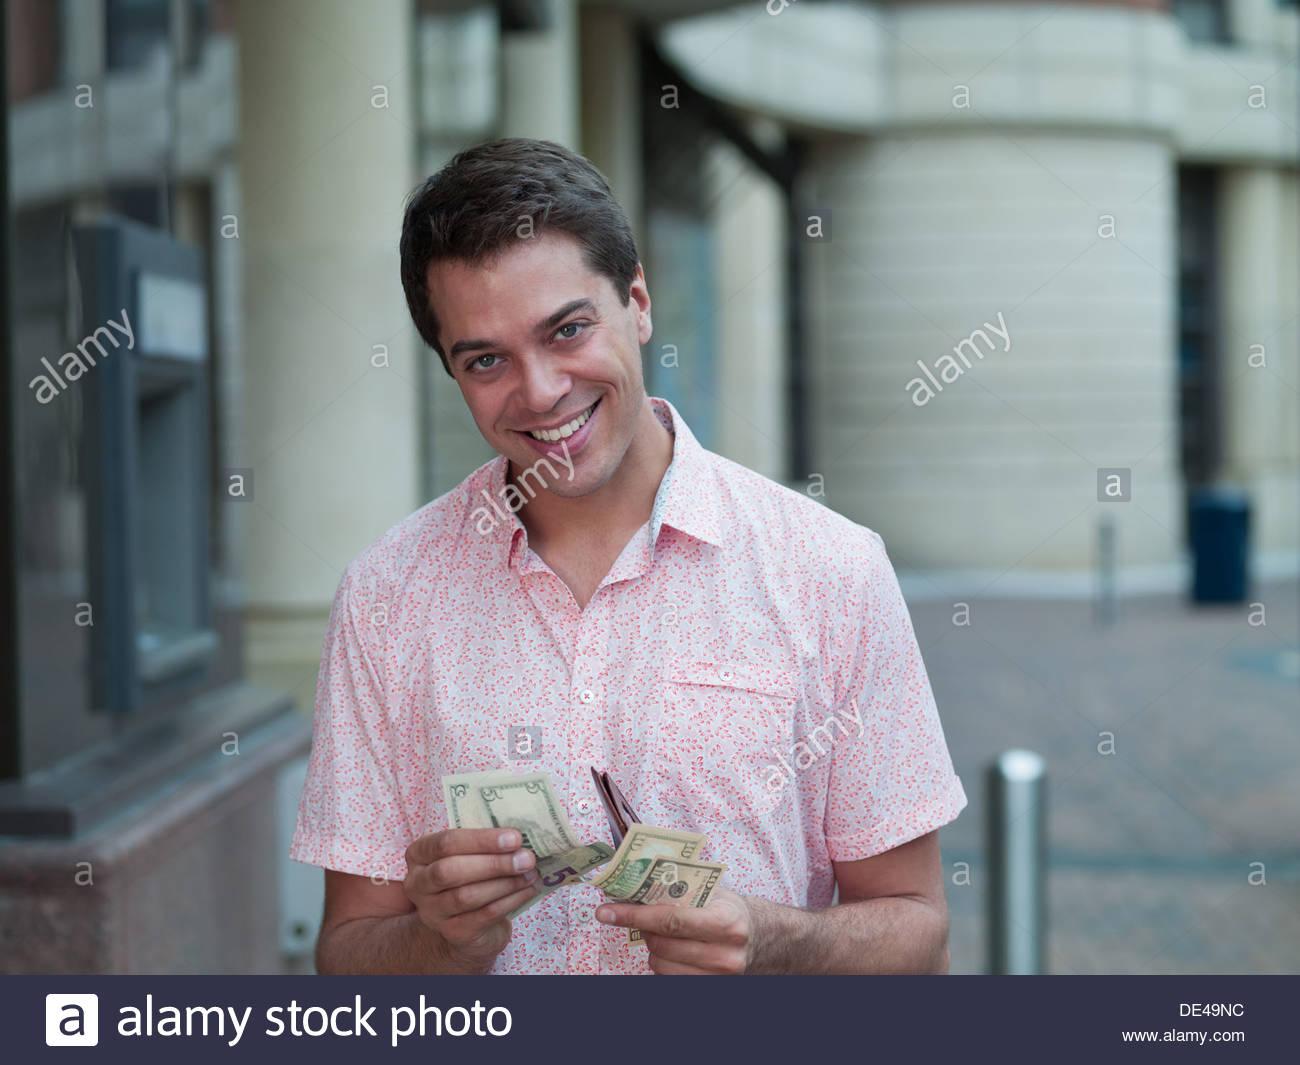 Hombre sonriendo contando dinero cerca del cajero automático Imagen De Stock